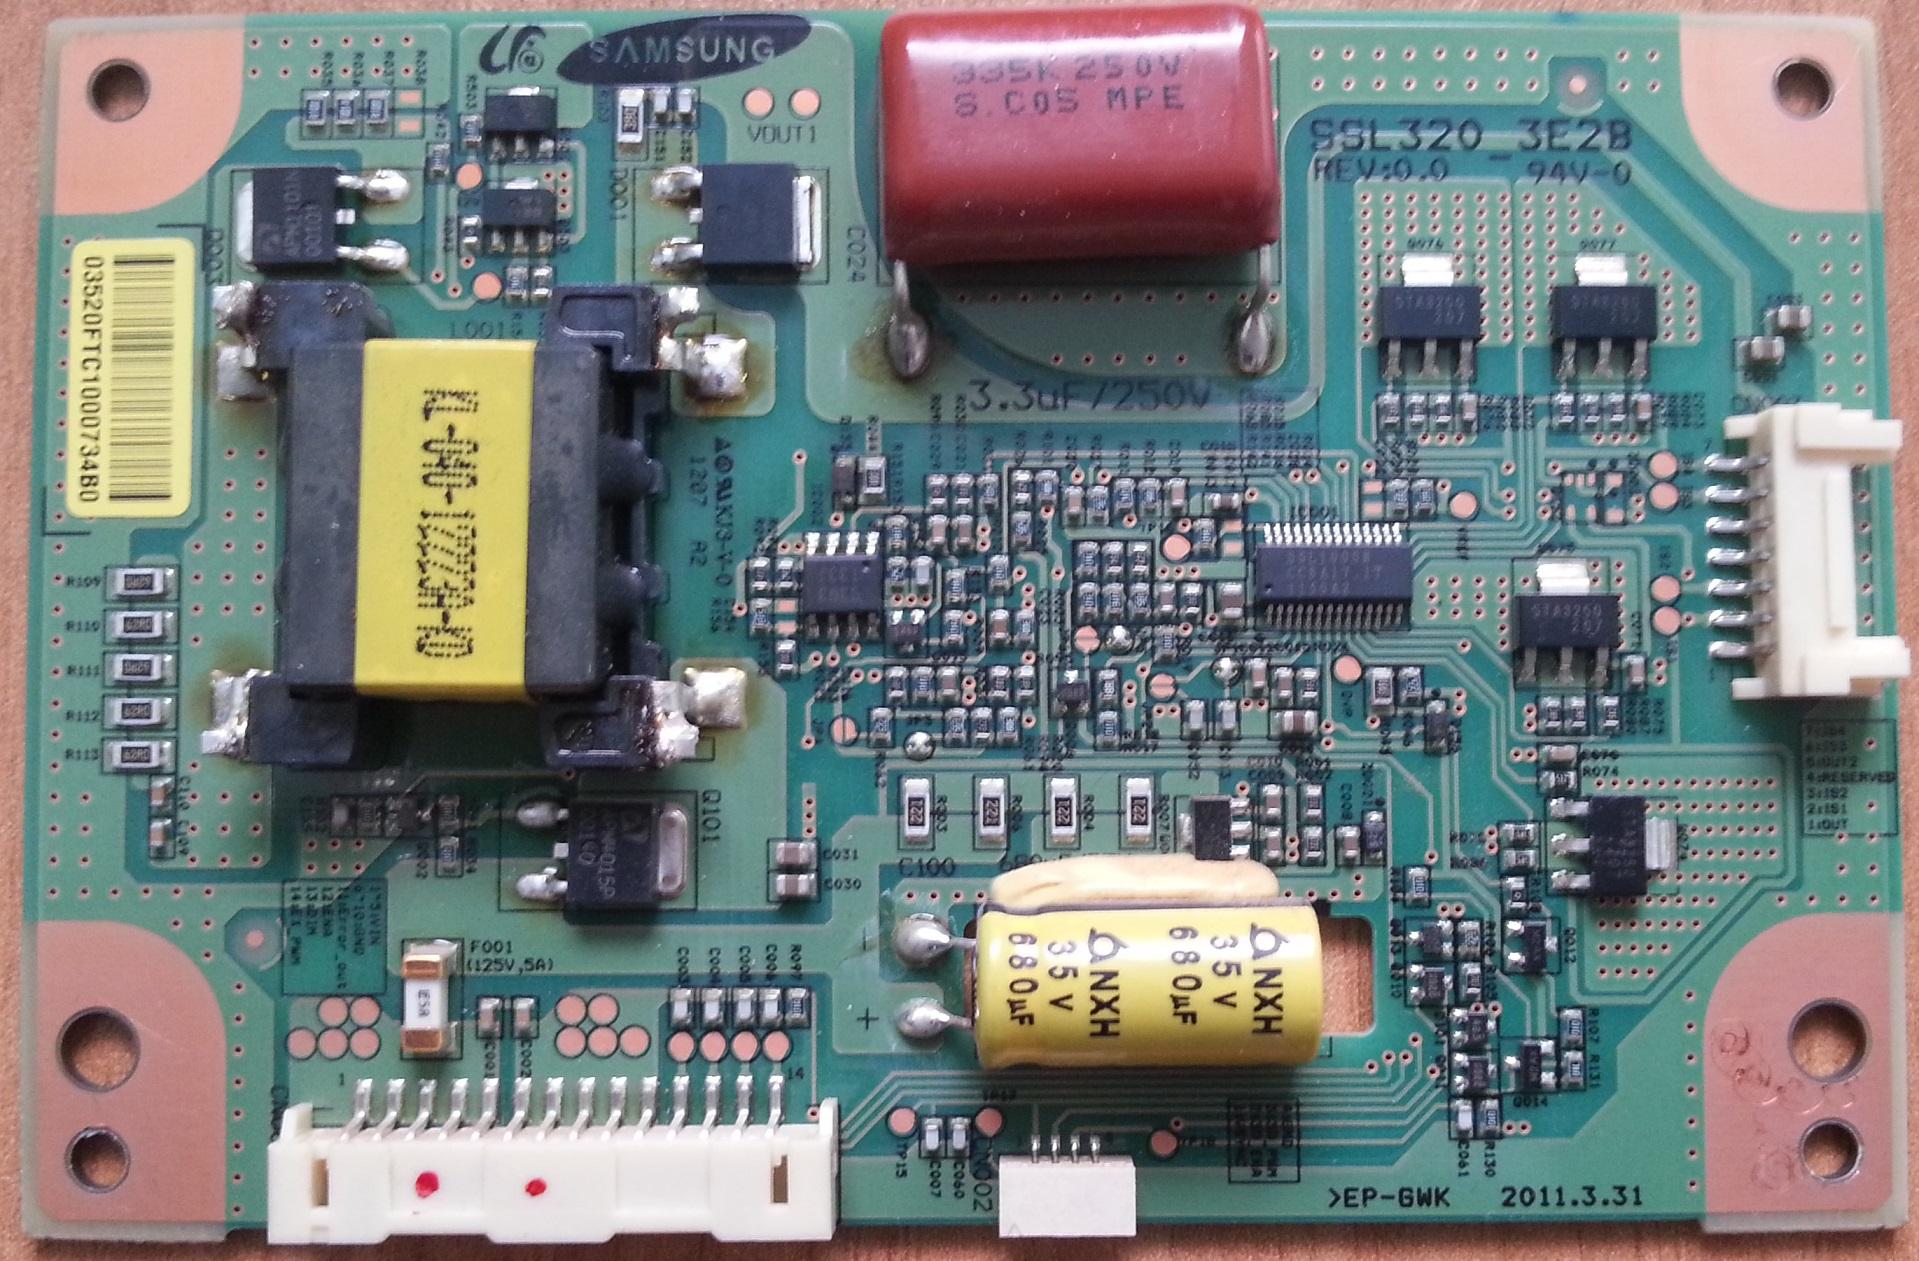 LED driver SSL320_3E2B